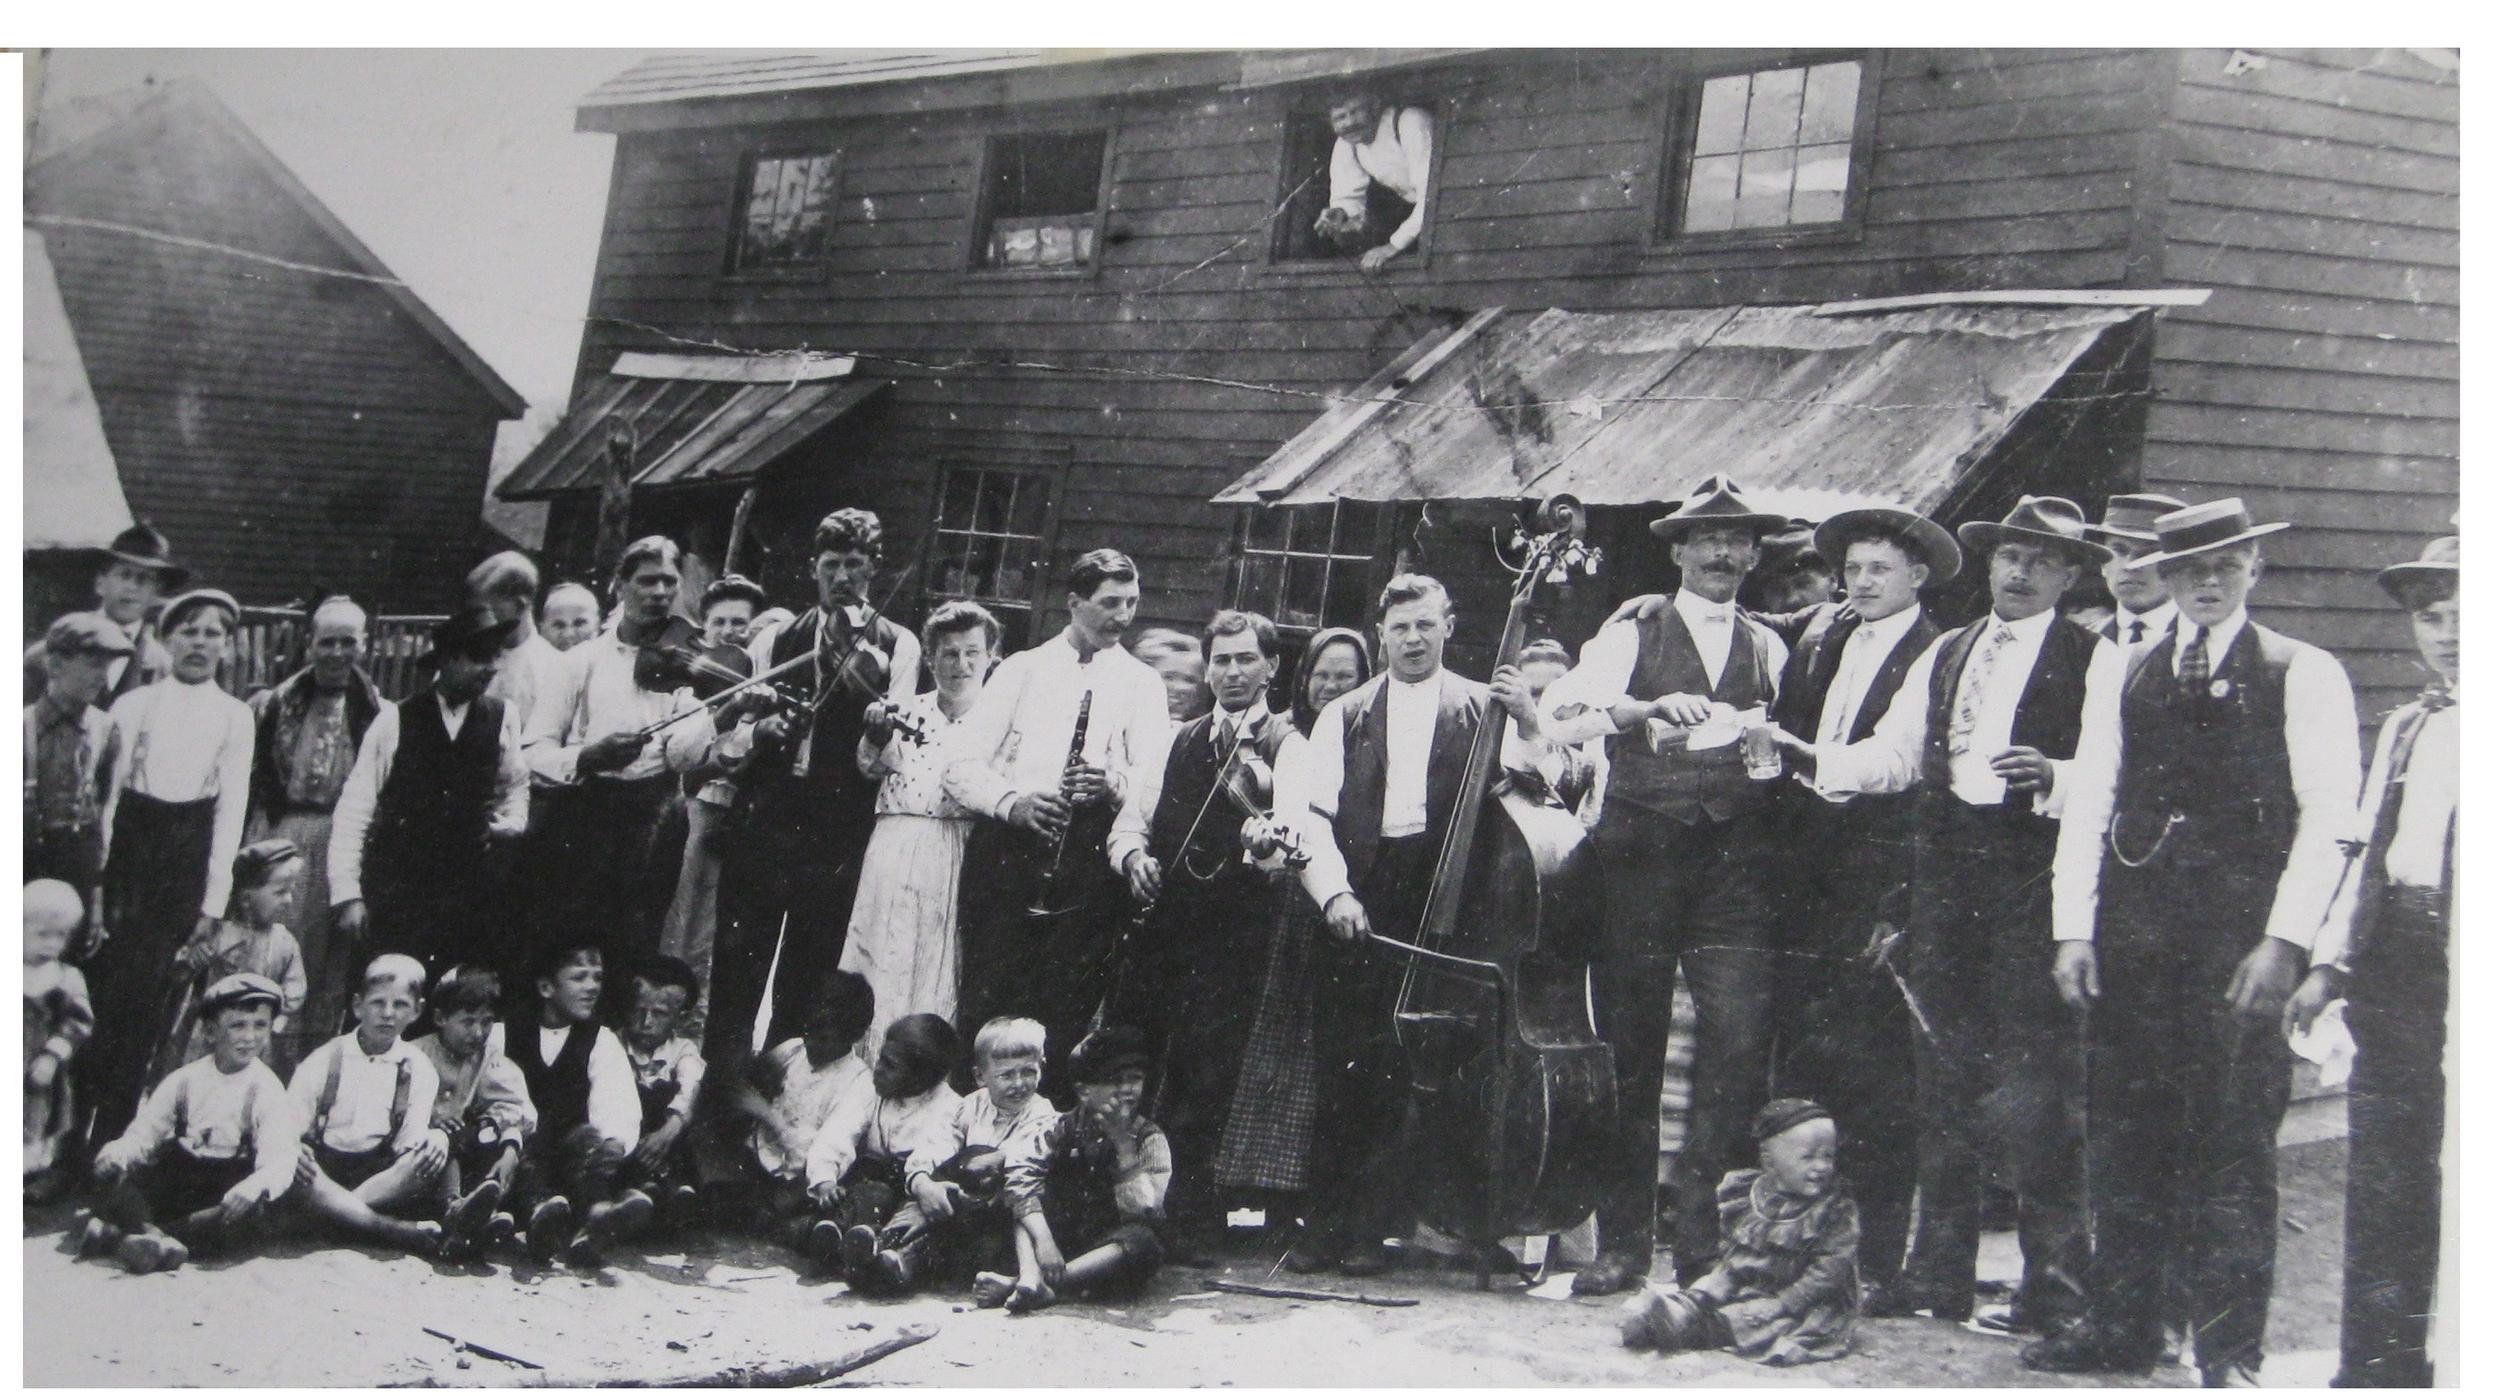 Ruthenian wedding in Forestville, Pa., 1908